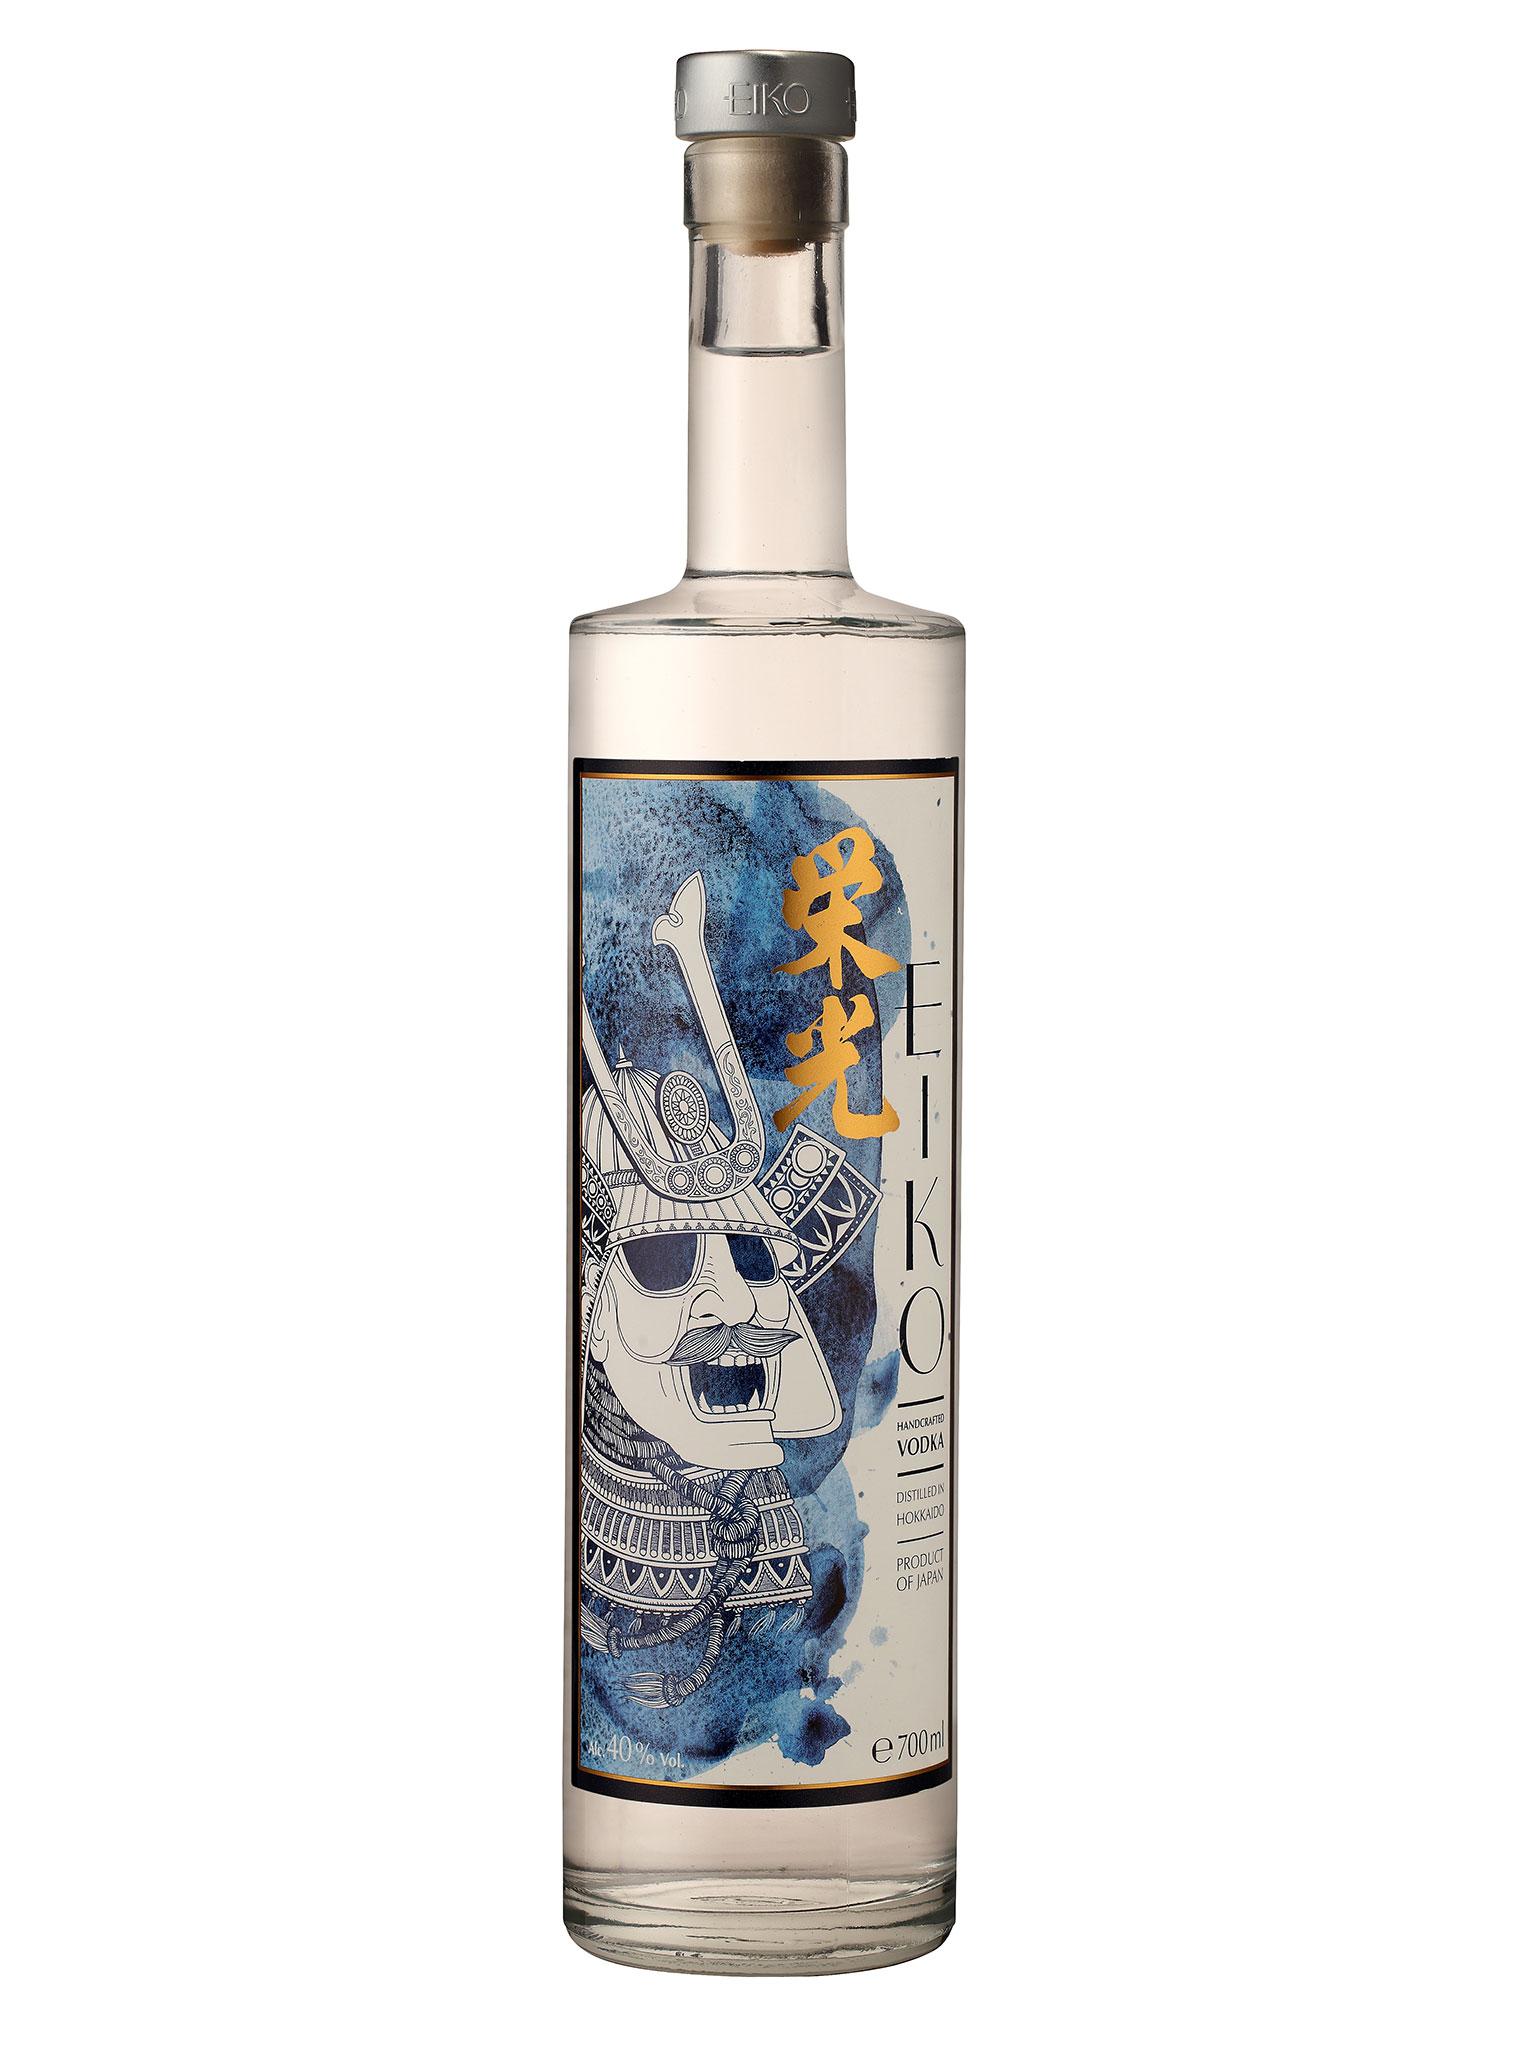 Wódka Eiko